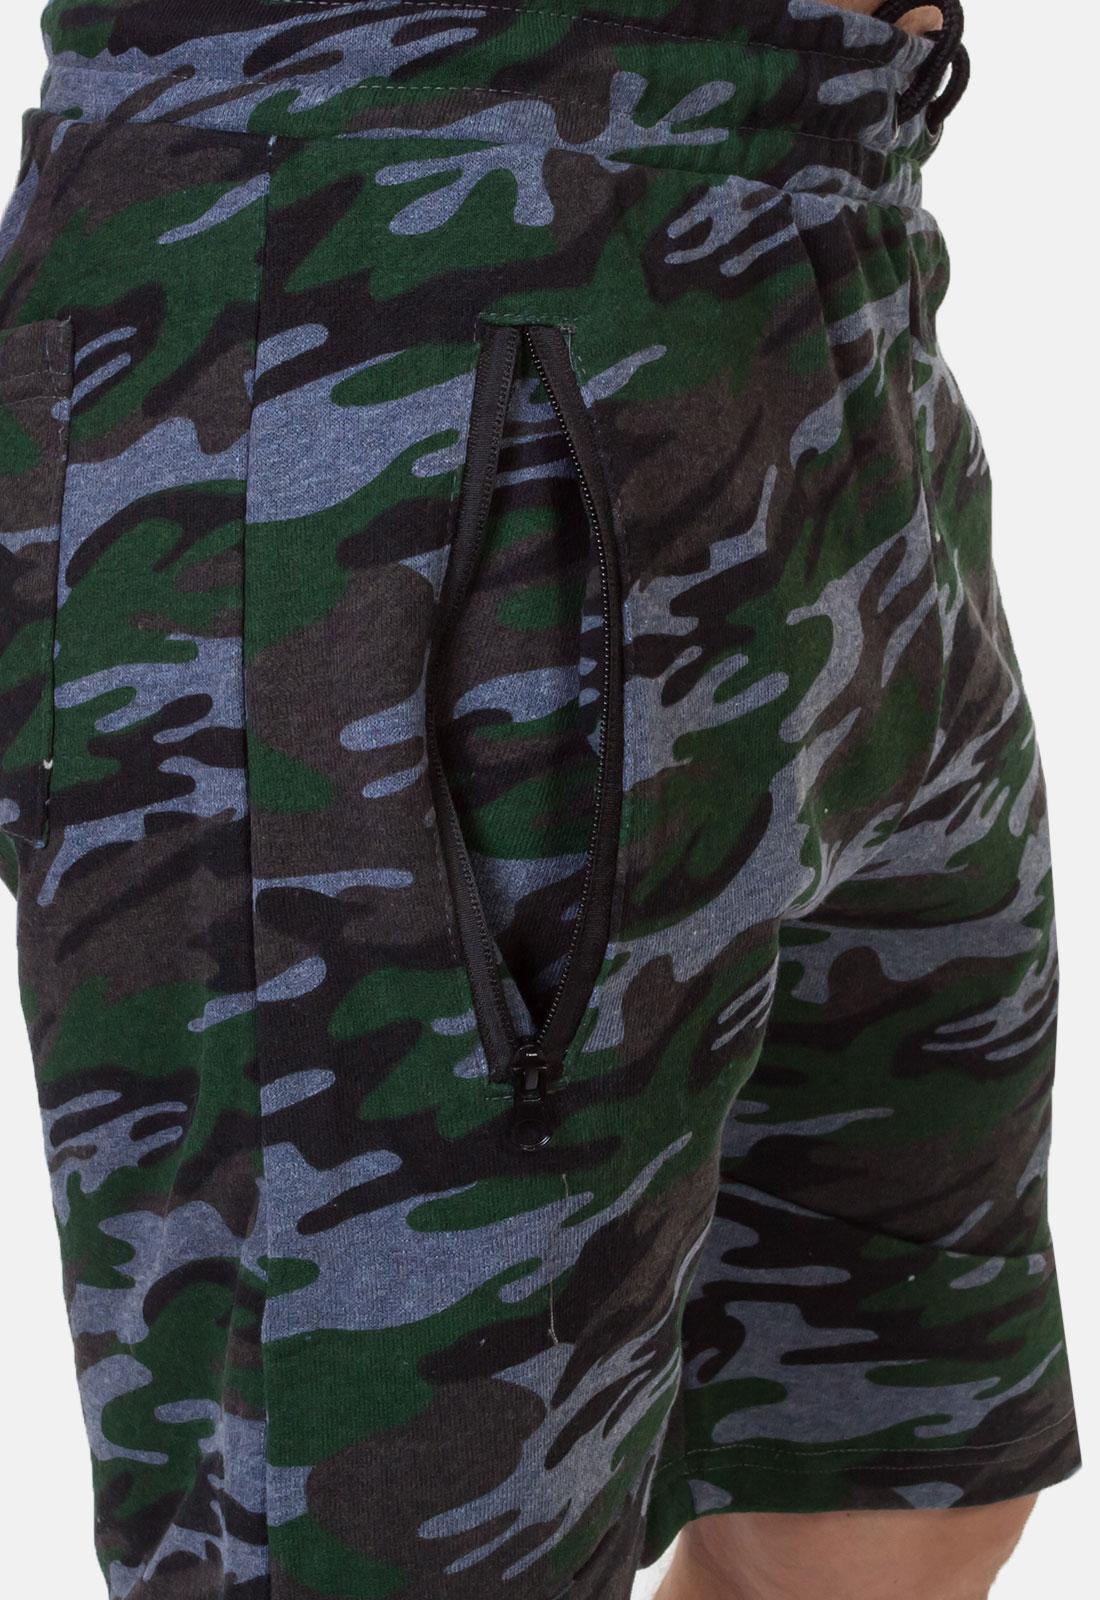 Камуфляжные свободные шорты с нашивкой Росгвардия - купить выгодно